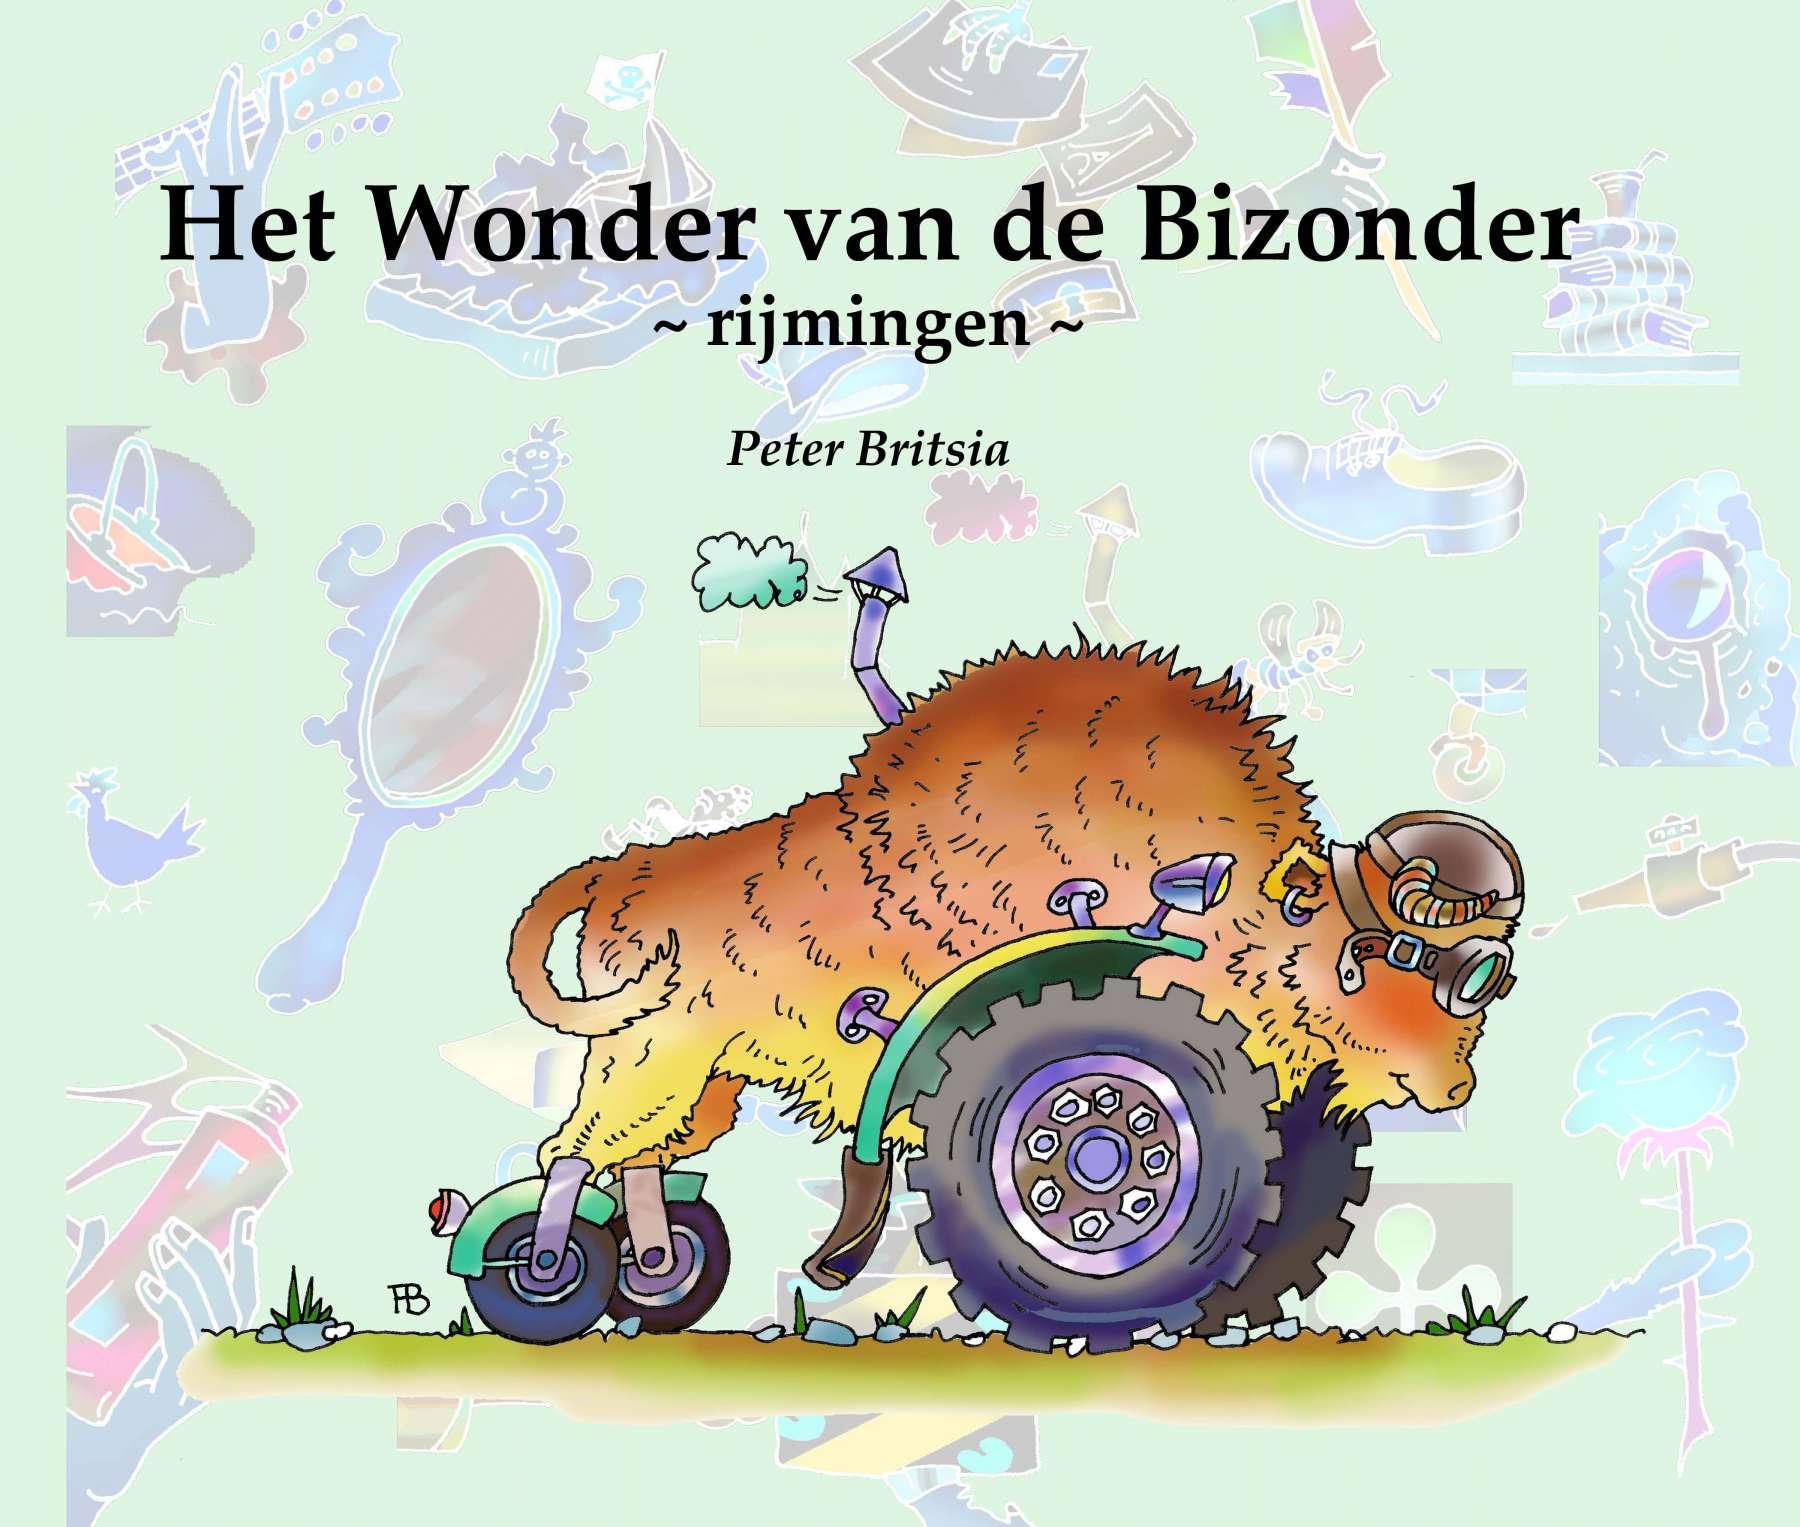 Het Wonder van de Bizonder - rijmingen - Uitgeverij Maanvis<br>Hele korte verhaaltjes in rijm gegoten, tekst en illustraties Peter Britsia.